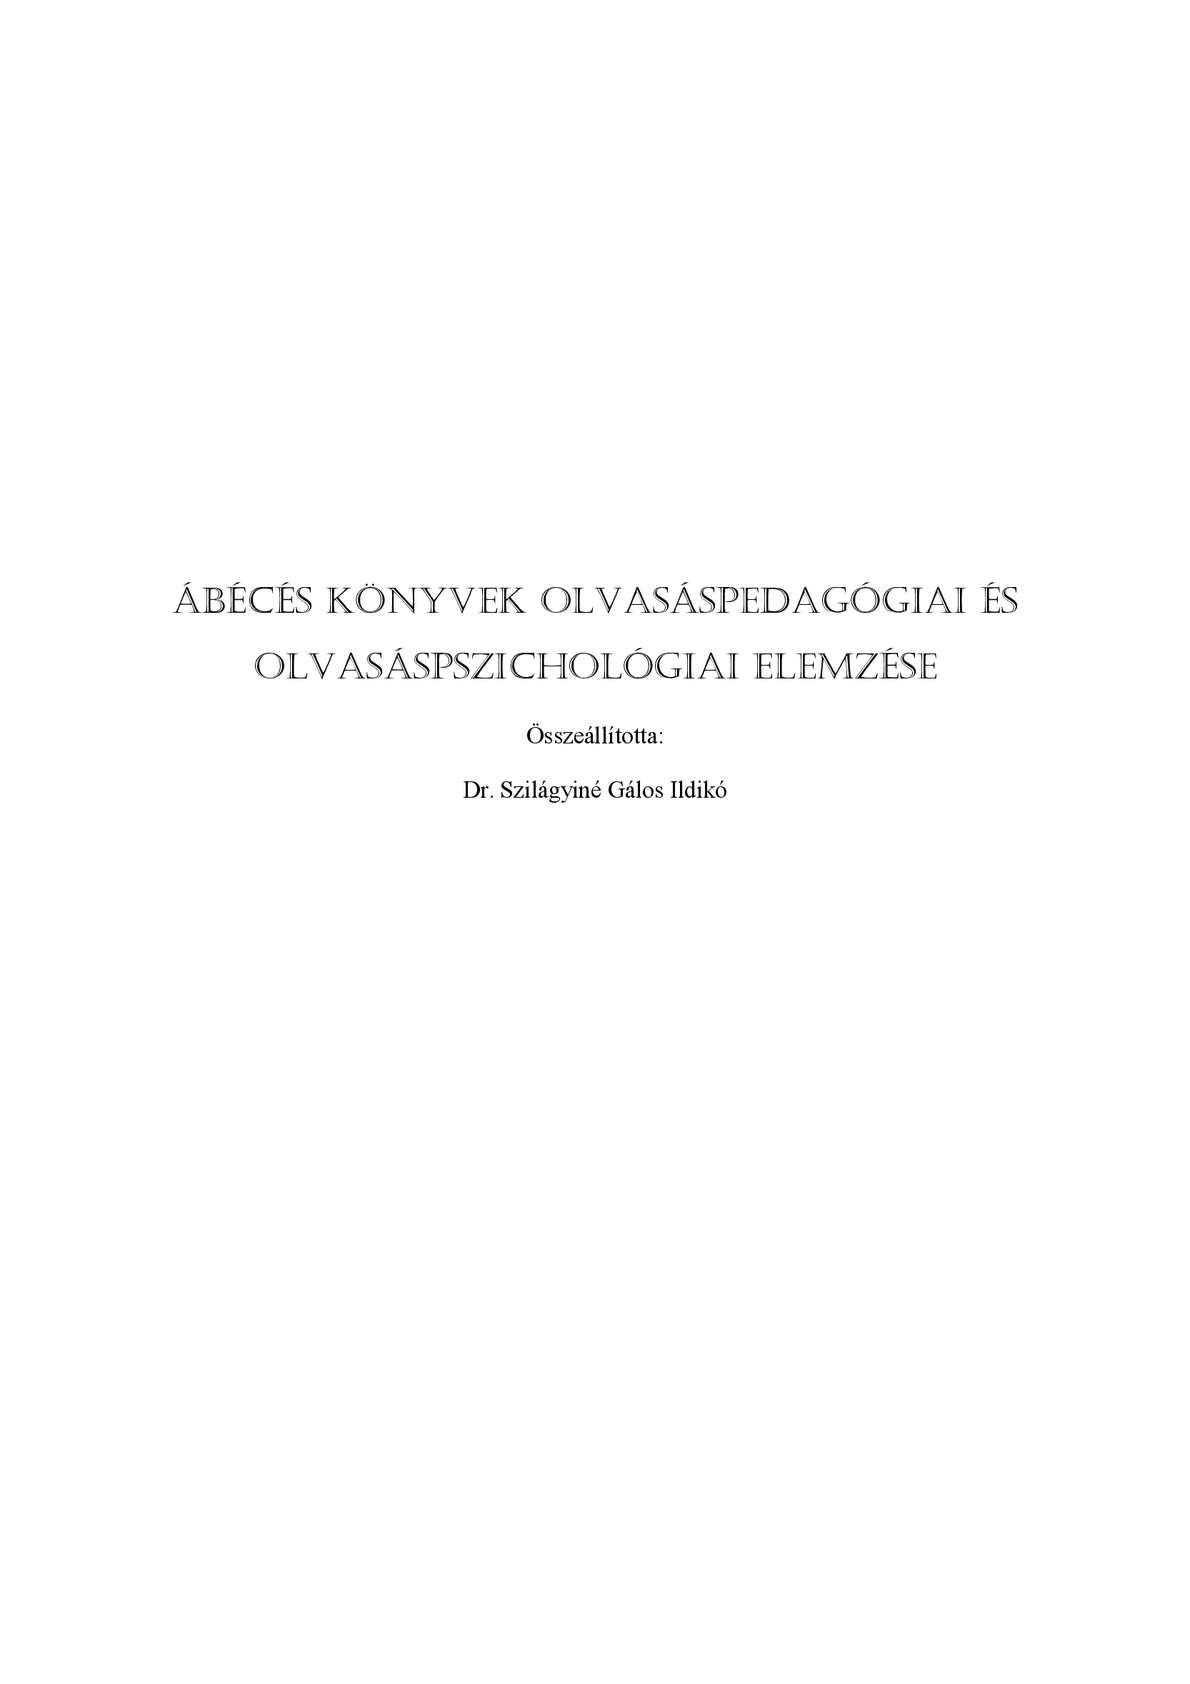 Letölthető könyvek: Olaszy Gábor DSc disszertáció | SmartLab, BME TMIT